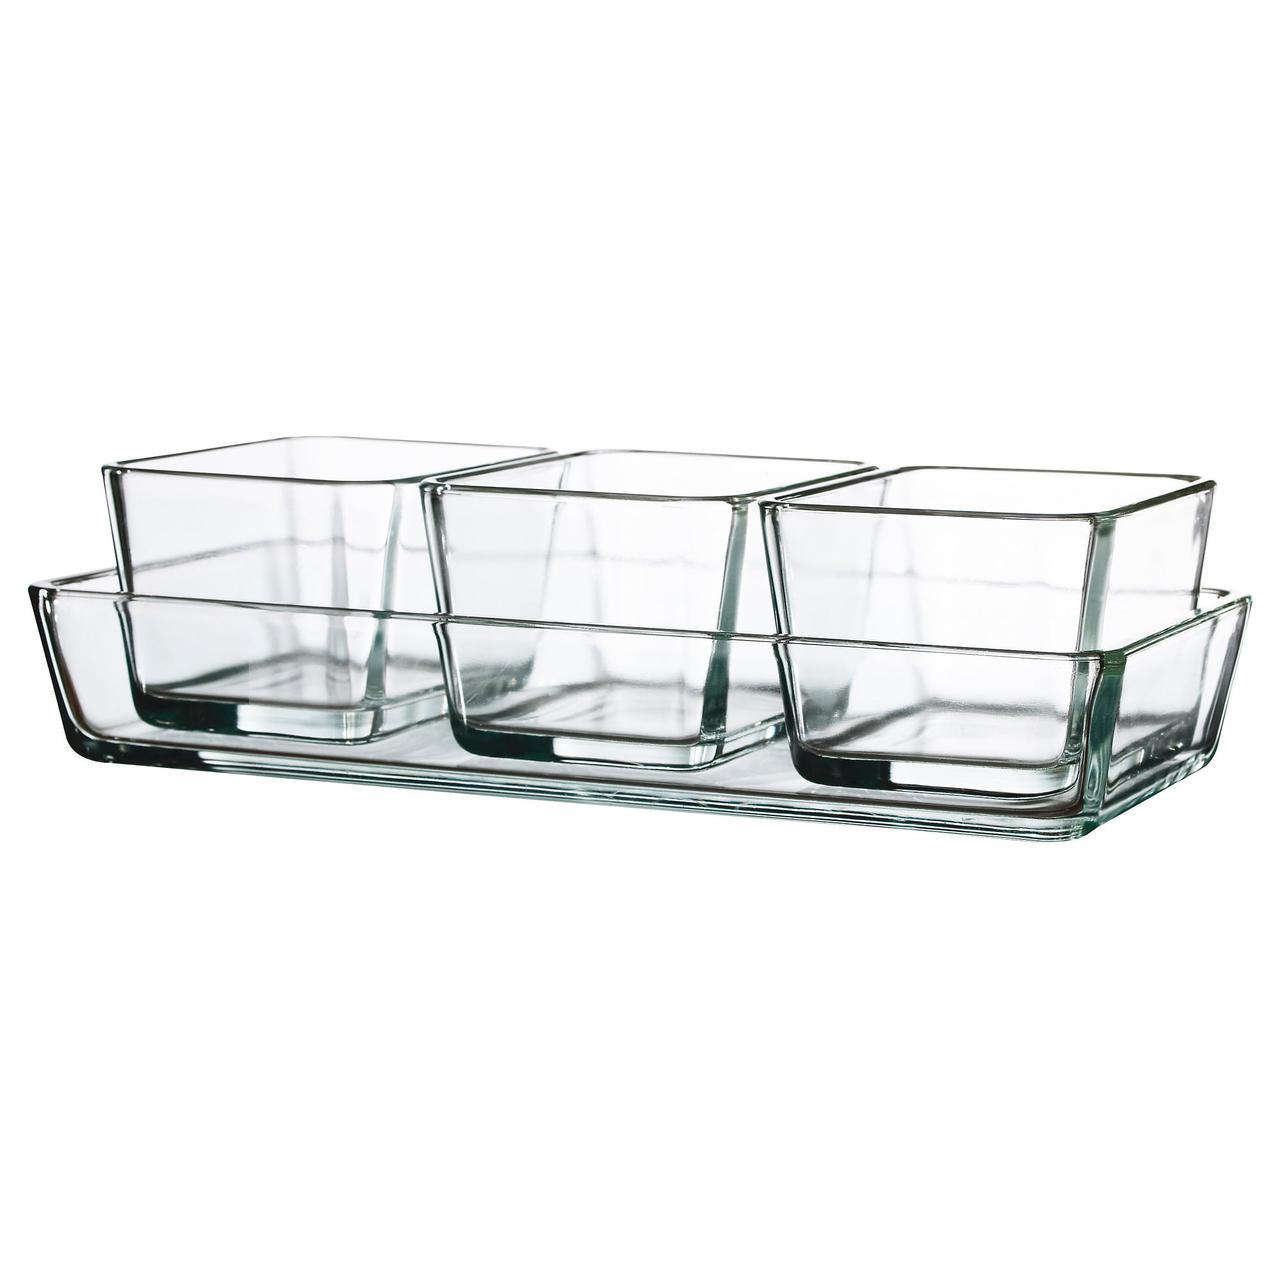 IKEA MIXTUR (601.016.52) Термостойкая посуда, 4 шт.